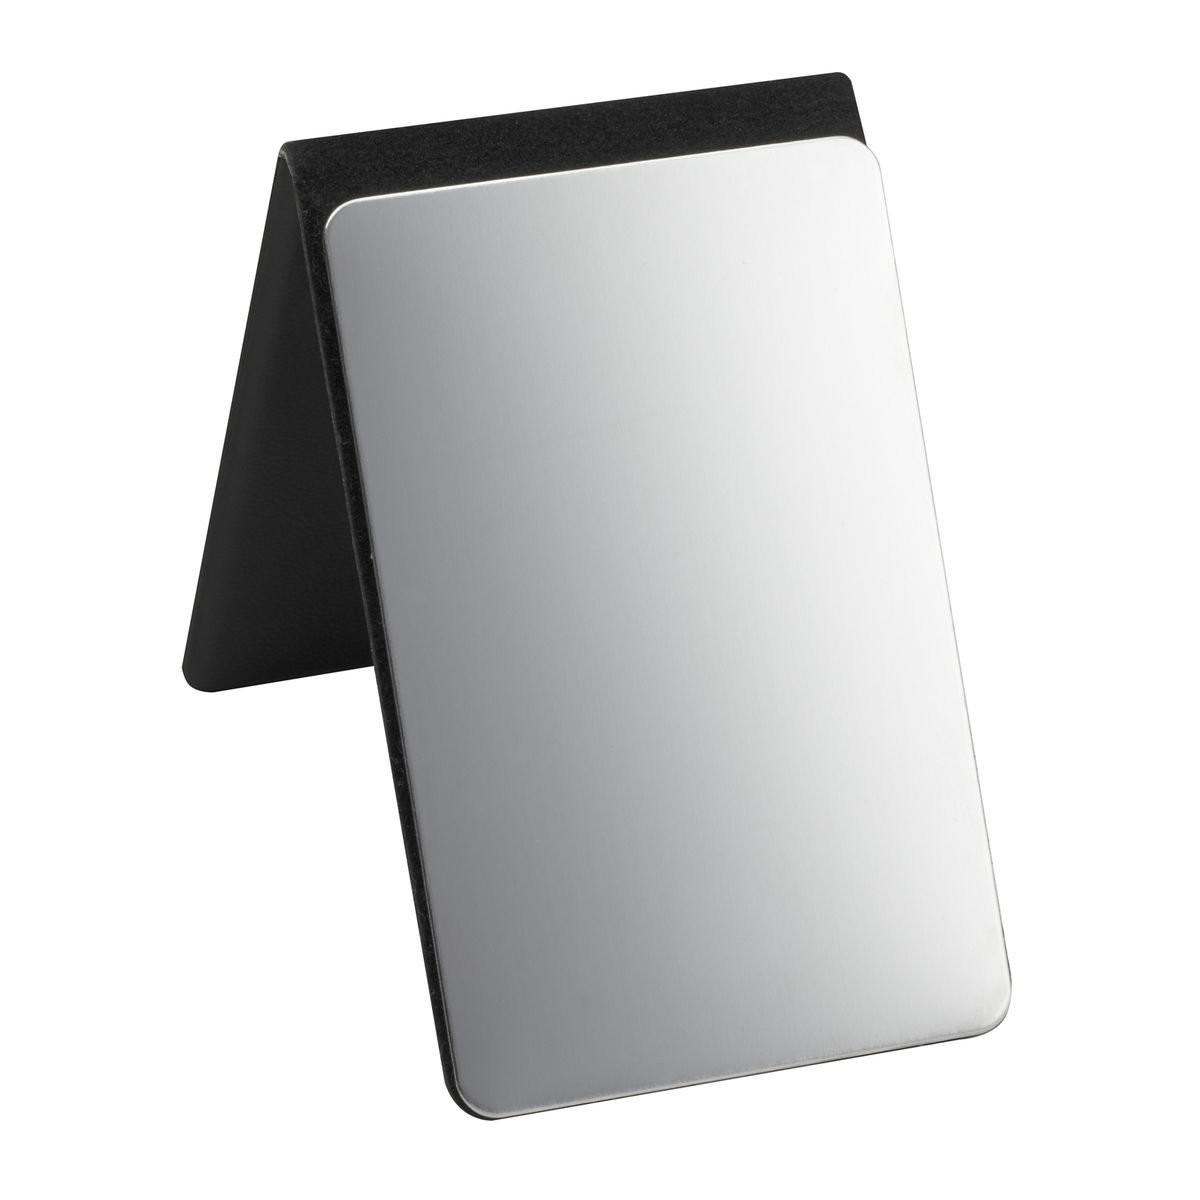 Taschenspiegel REFLECTS-HARBEL BLACK, Ansicht 9